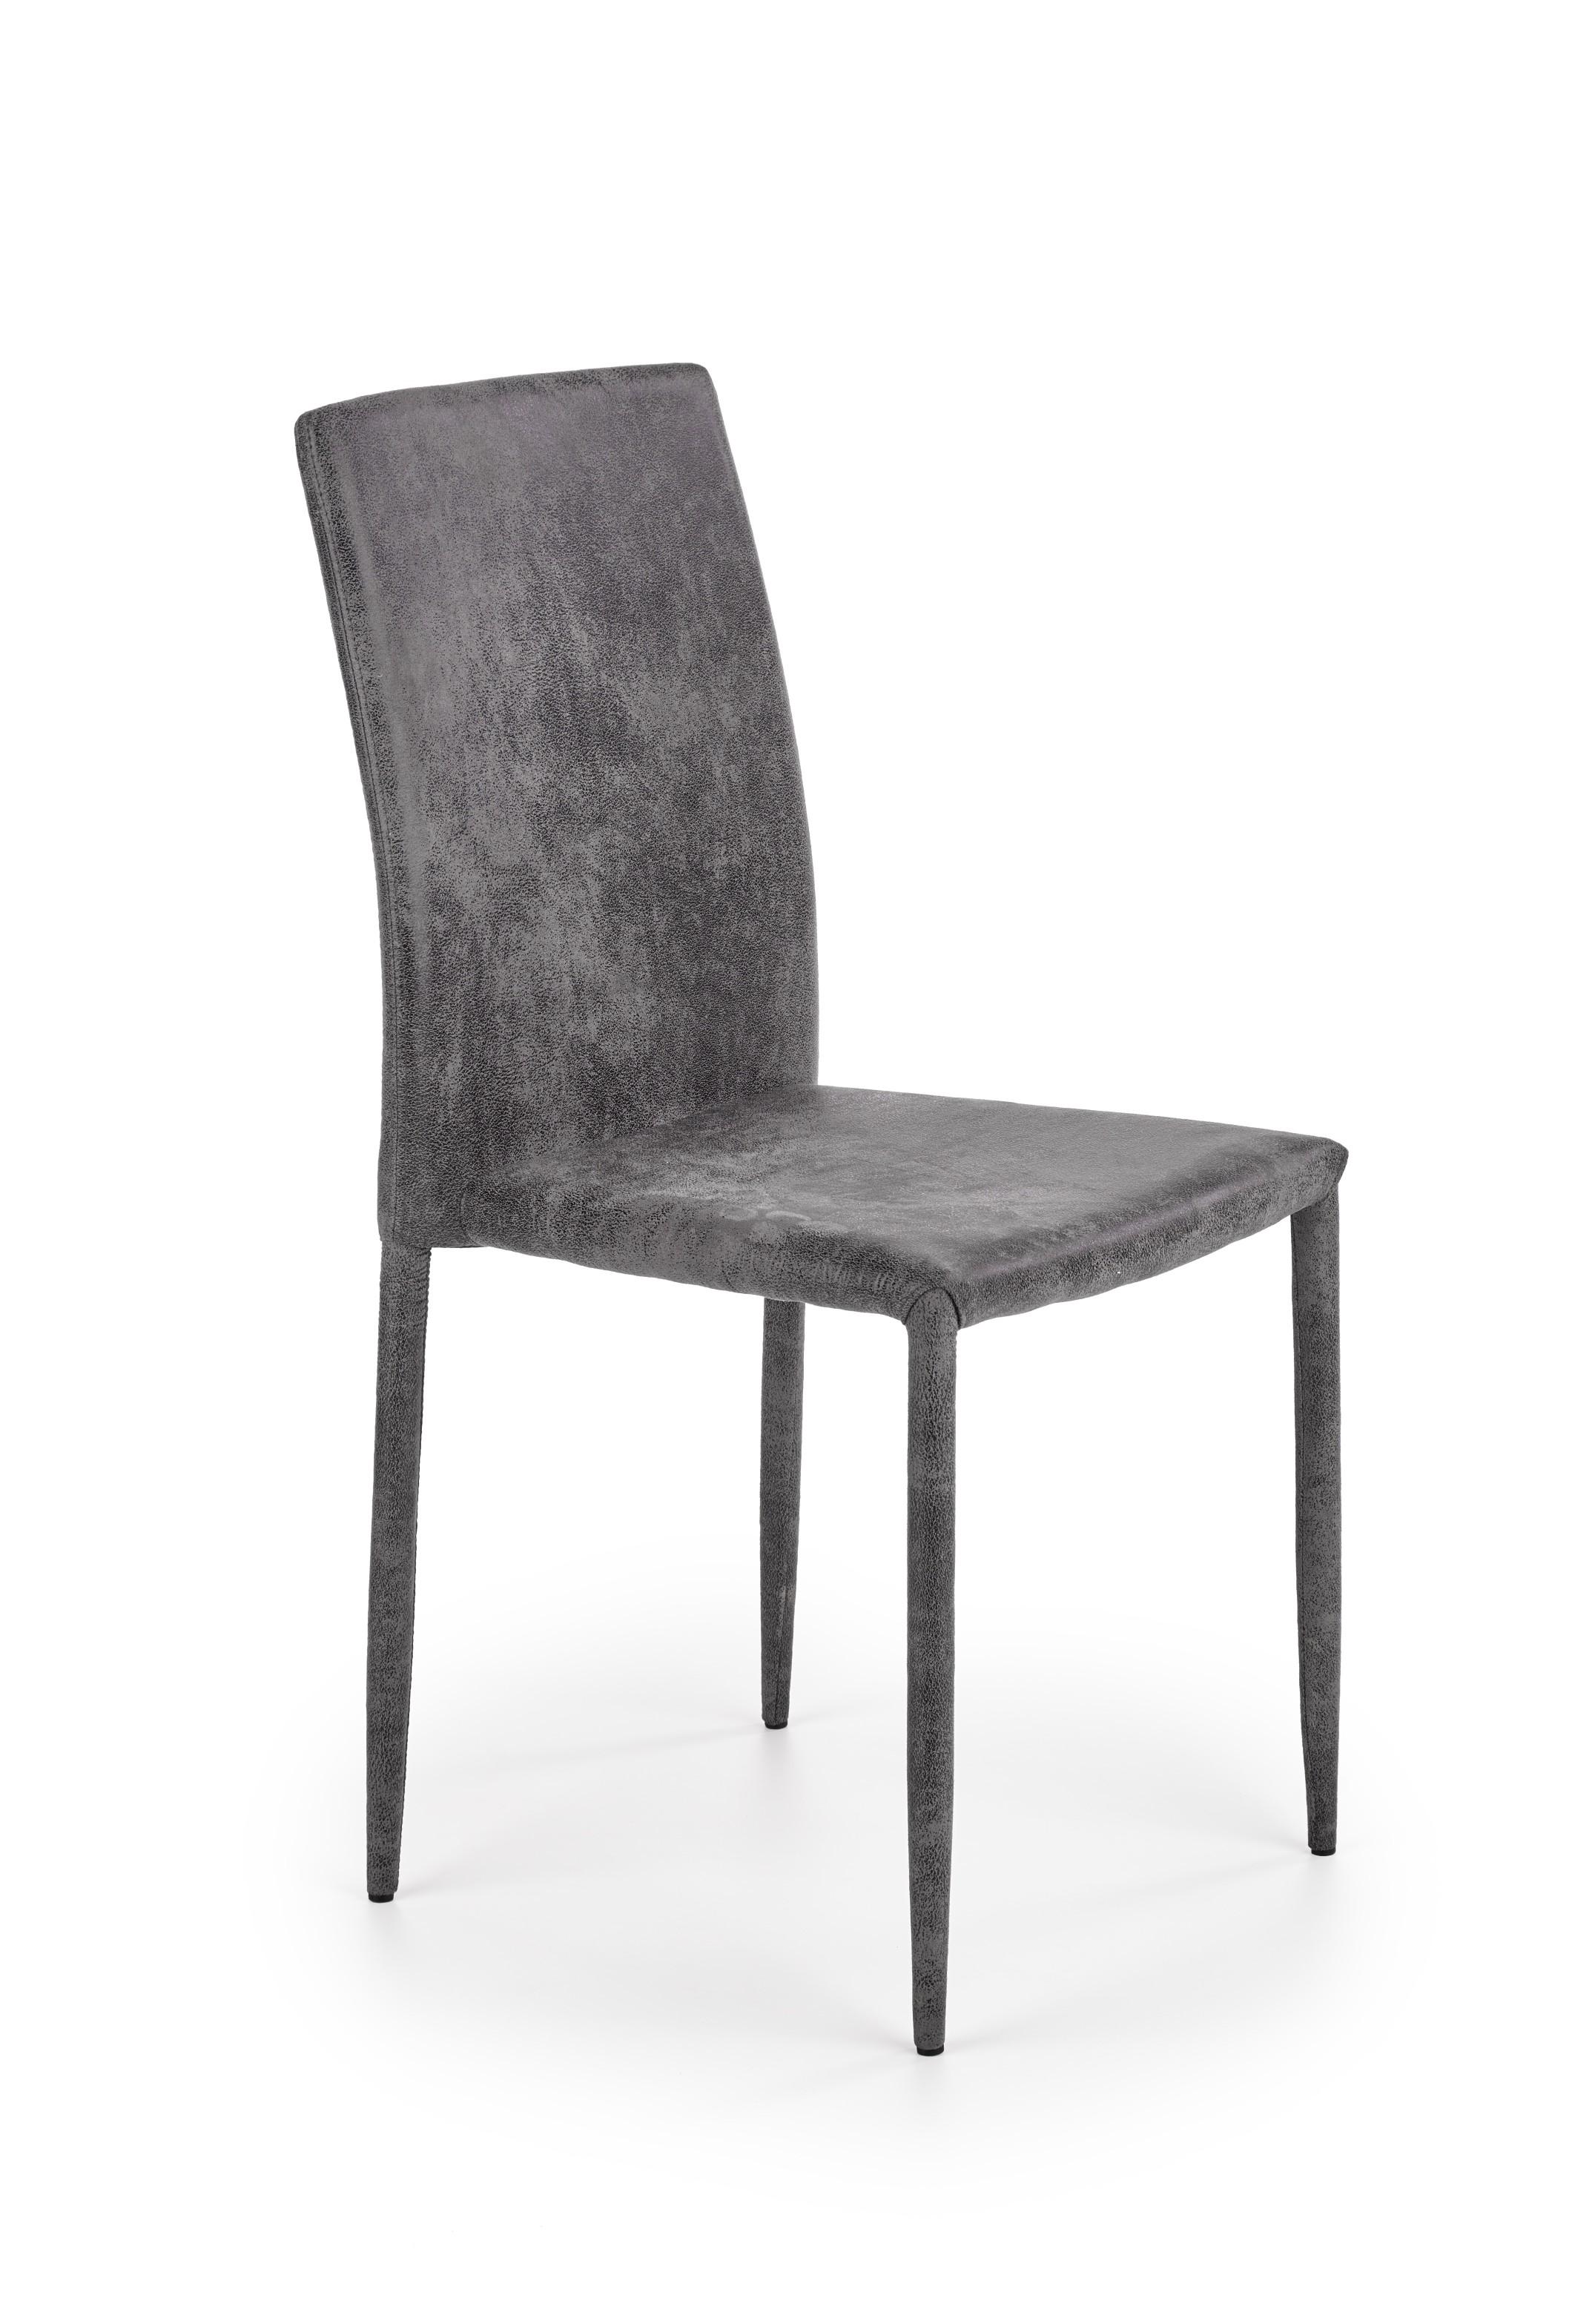 K375 jedálenská stolička tmavo šedá